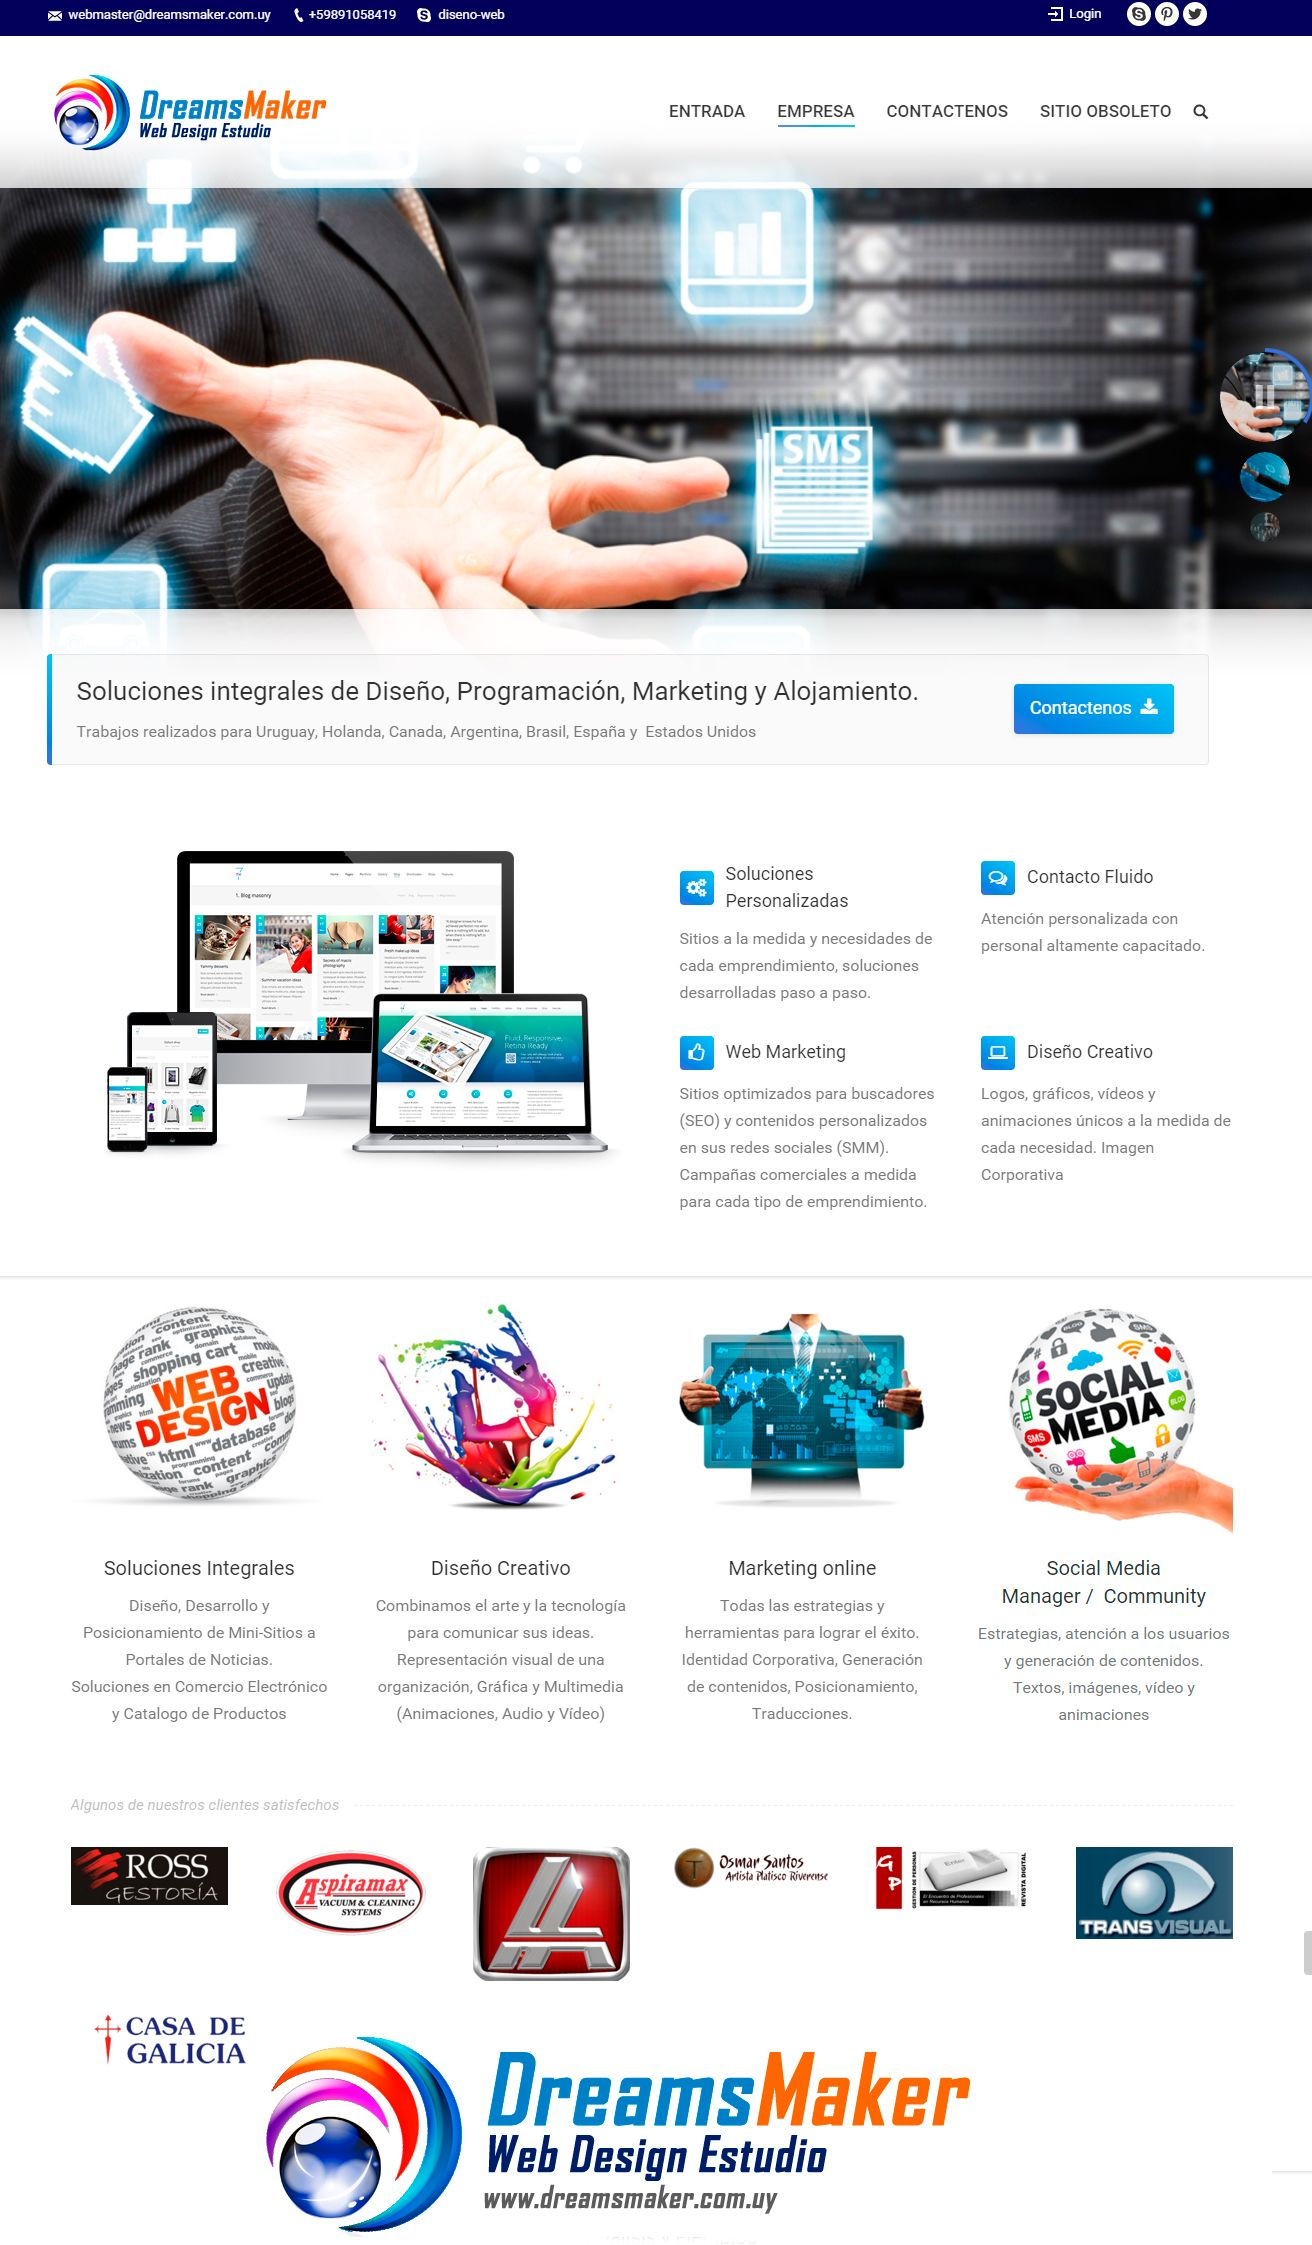 Soluciones integrales de Diseño, Programación, Marketing y Alojamiento. Trabajos realizados para Uruguay, Holanda, Canada, Argentina, Brasil, España y  Estados Unidos